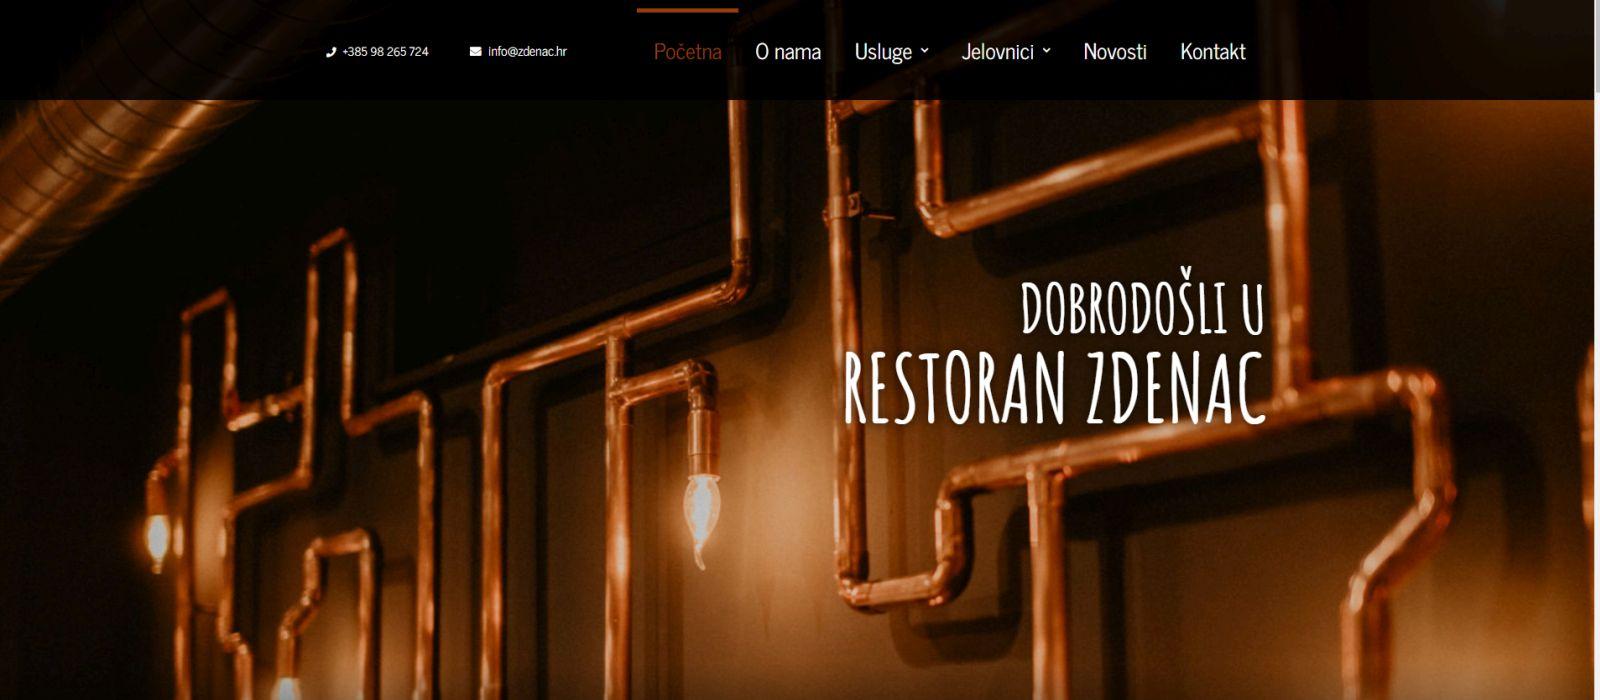 Nova web stranica